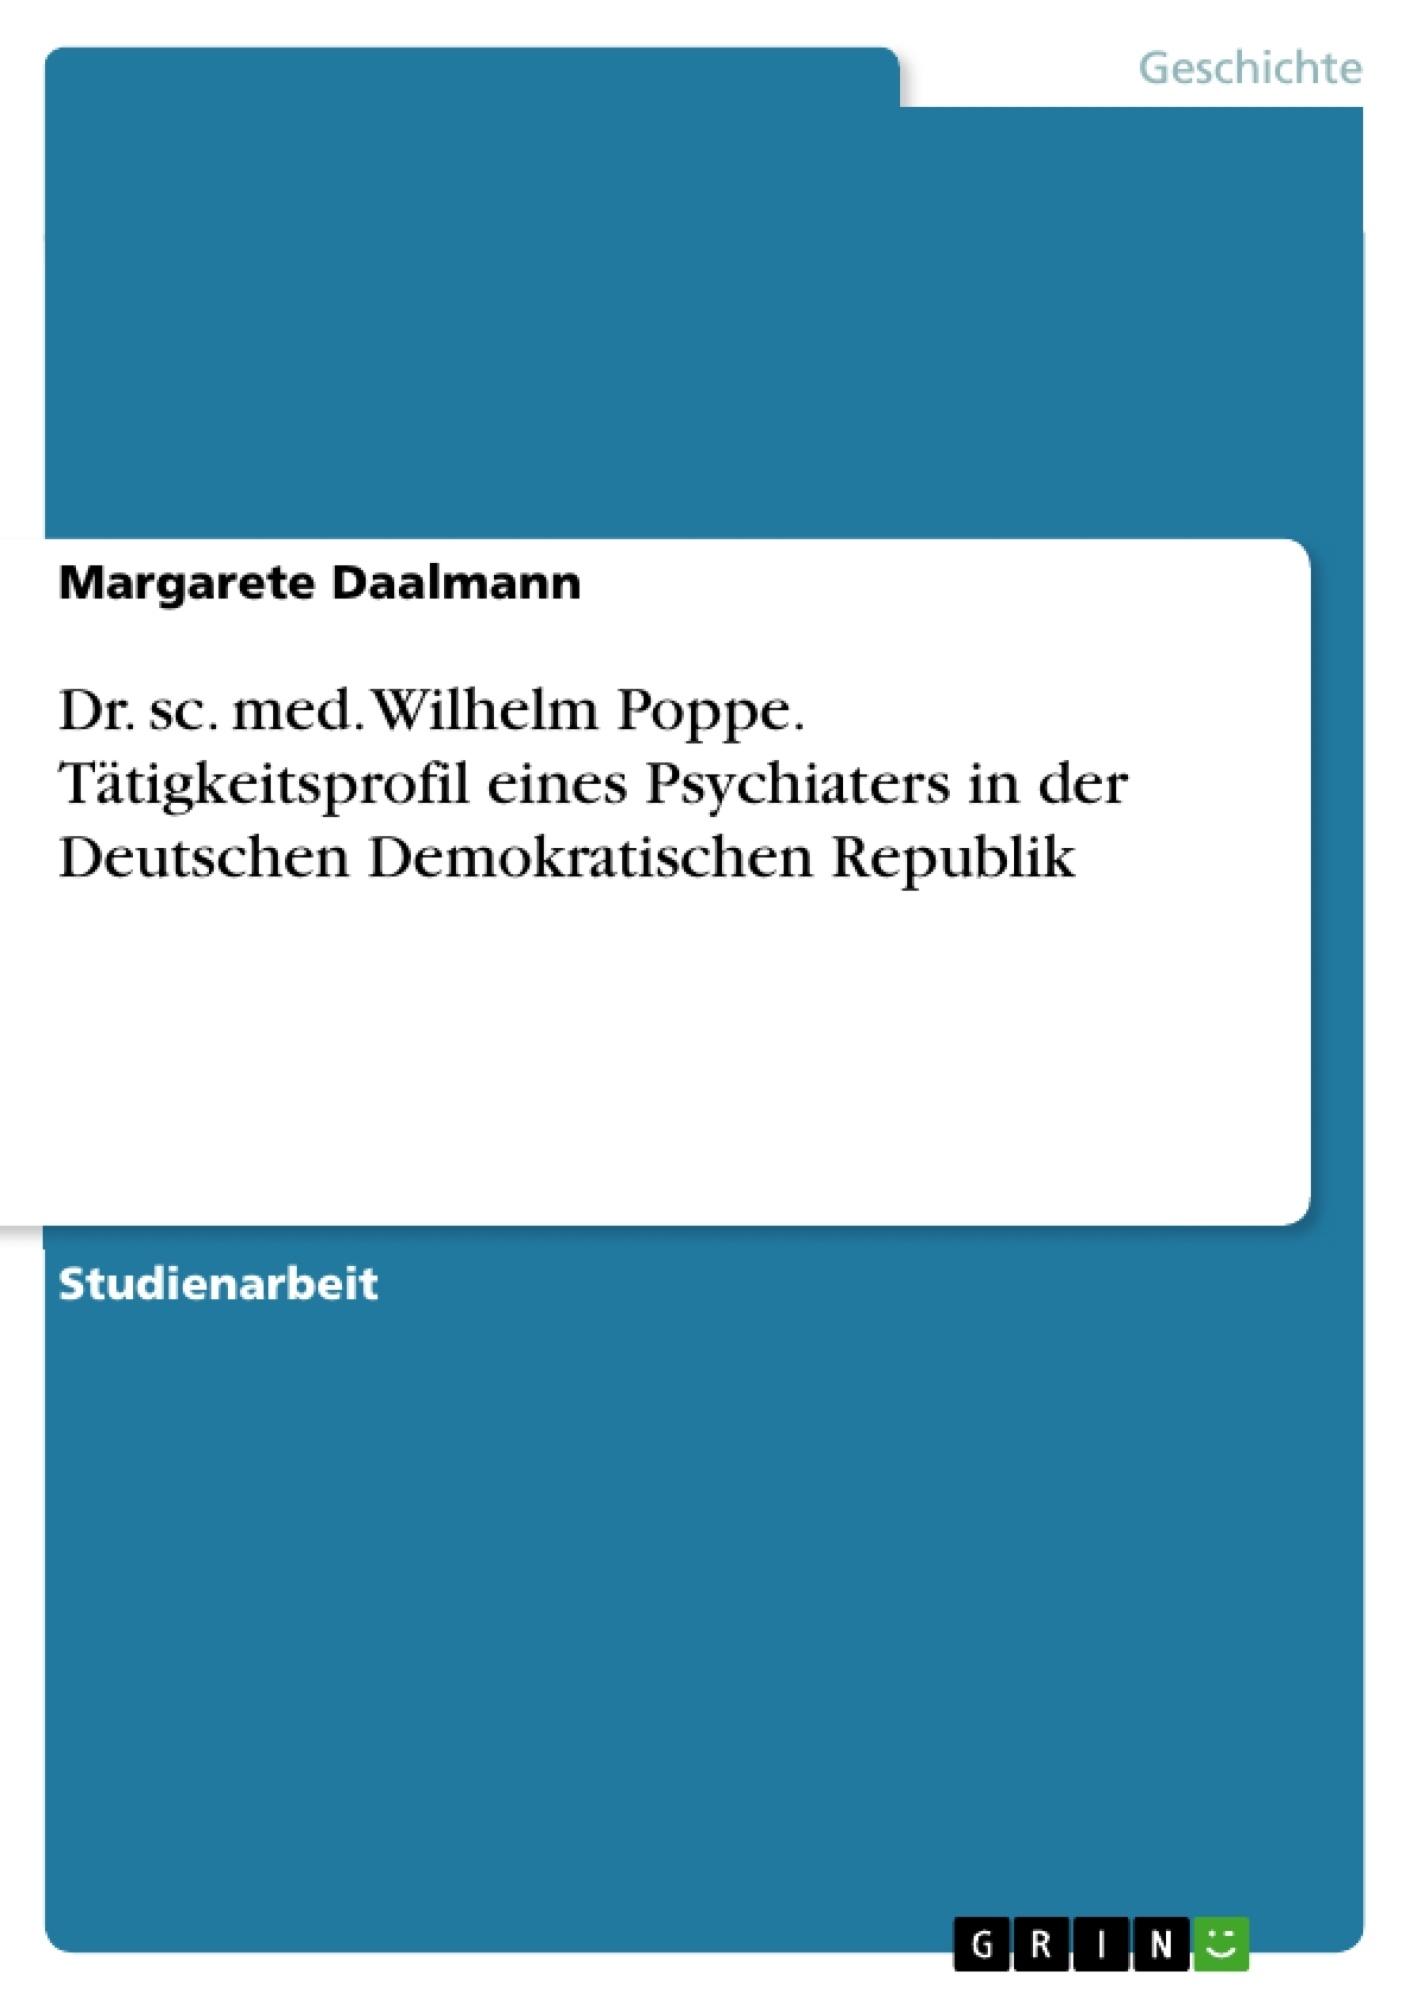 Titel: Dr. sc. med. Wilhelm Poppe. Tätigkeitsprofil eines Psychiaters in der Deutschen Demokratischen Republik